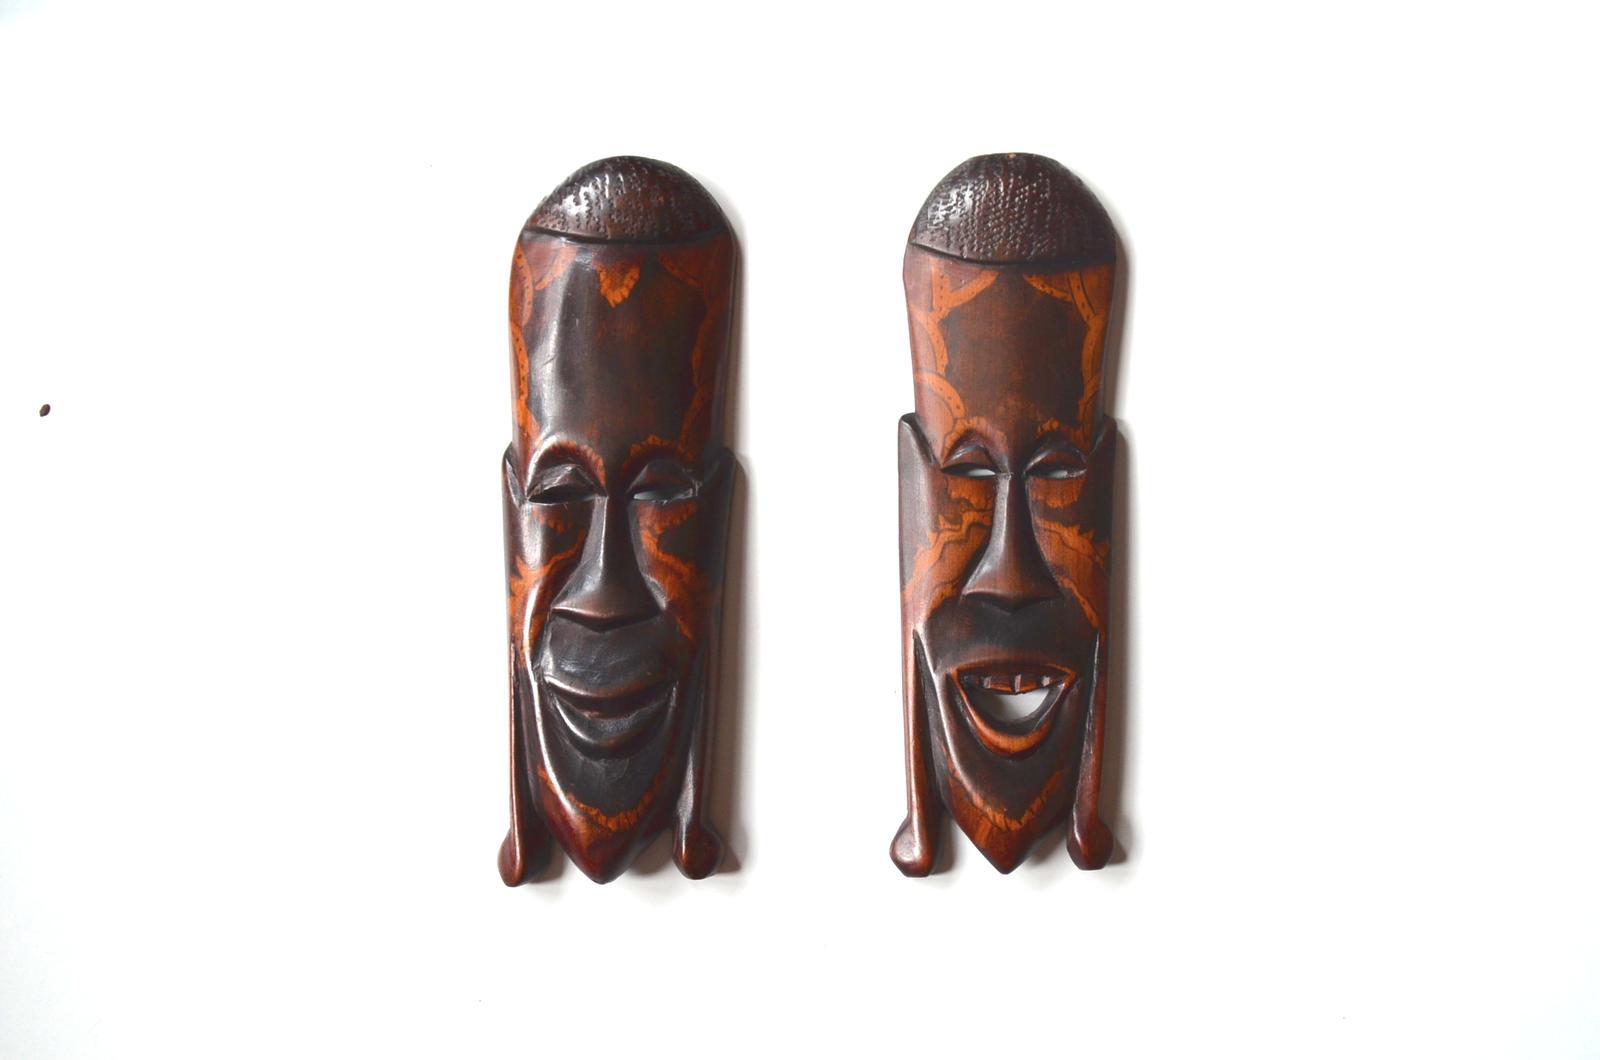 africké masky - Obrázok č. 1